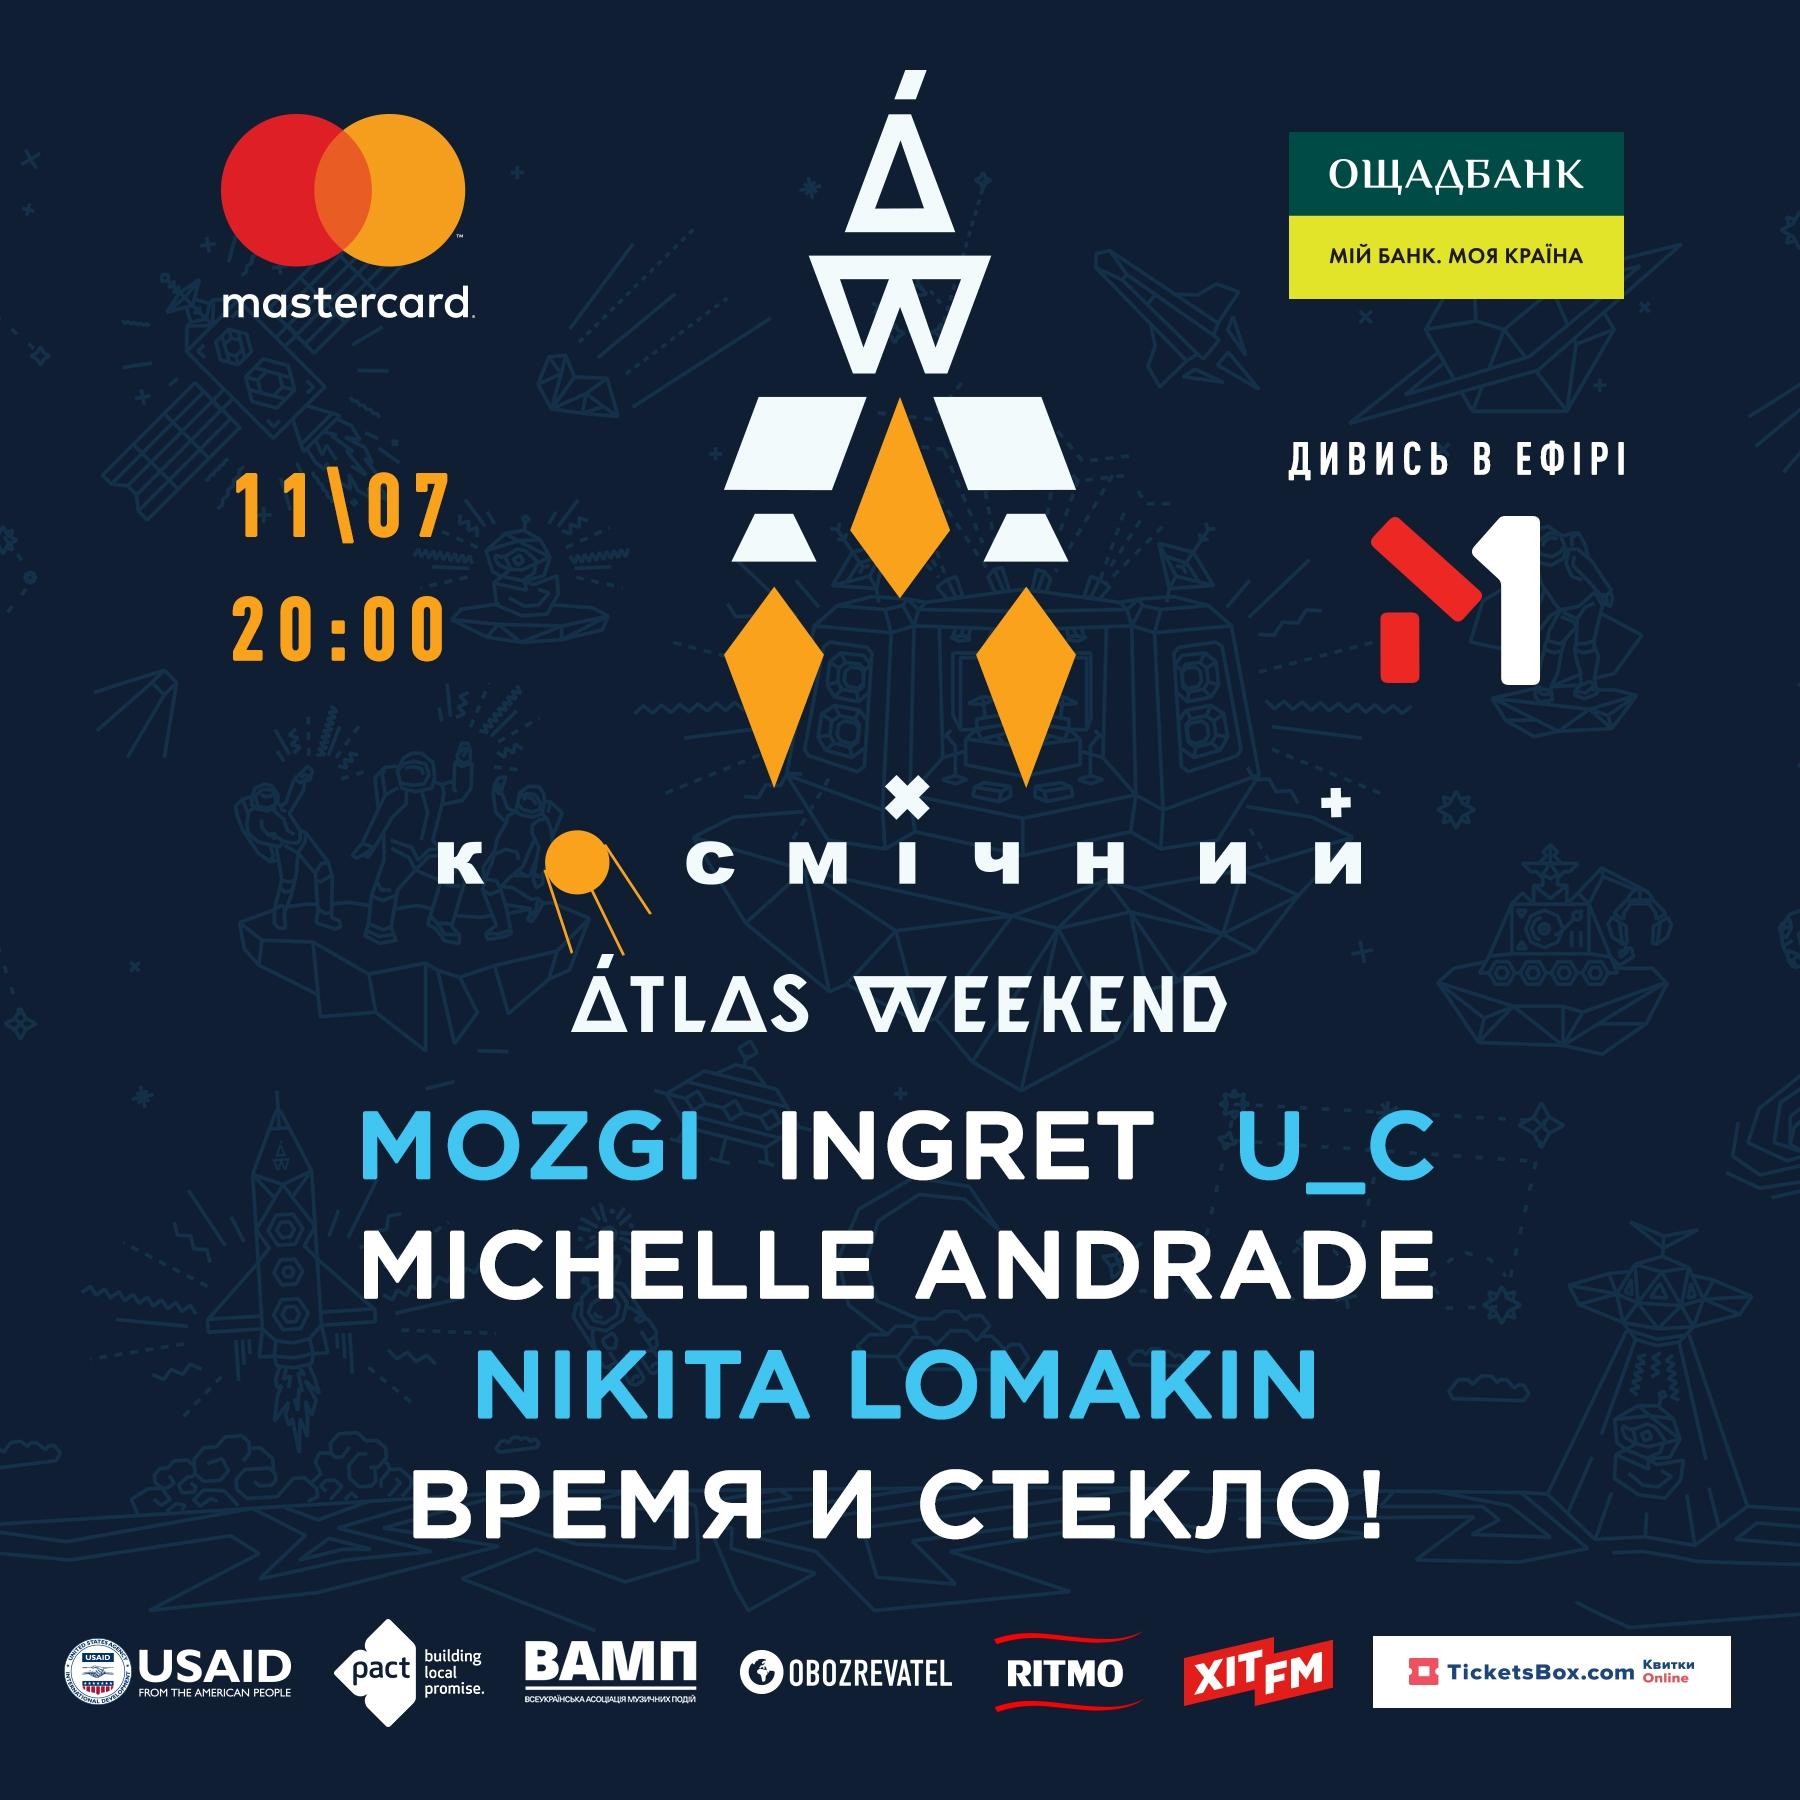 Atlas Weekend на М1 афиша